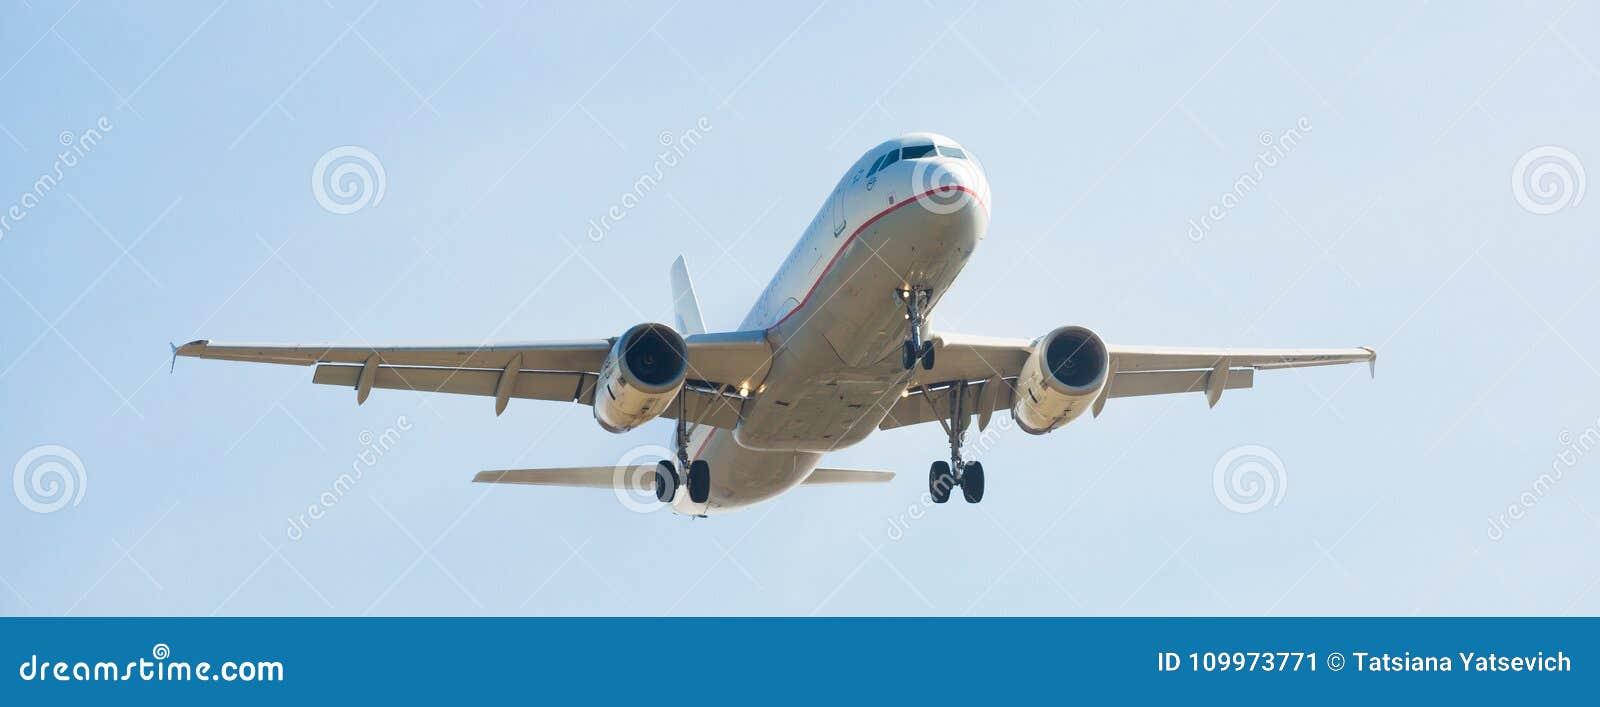 Посадка эгейских авиакомпаний плоская